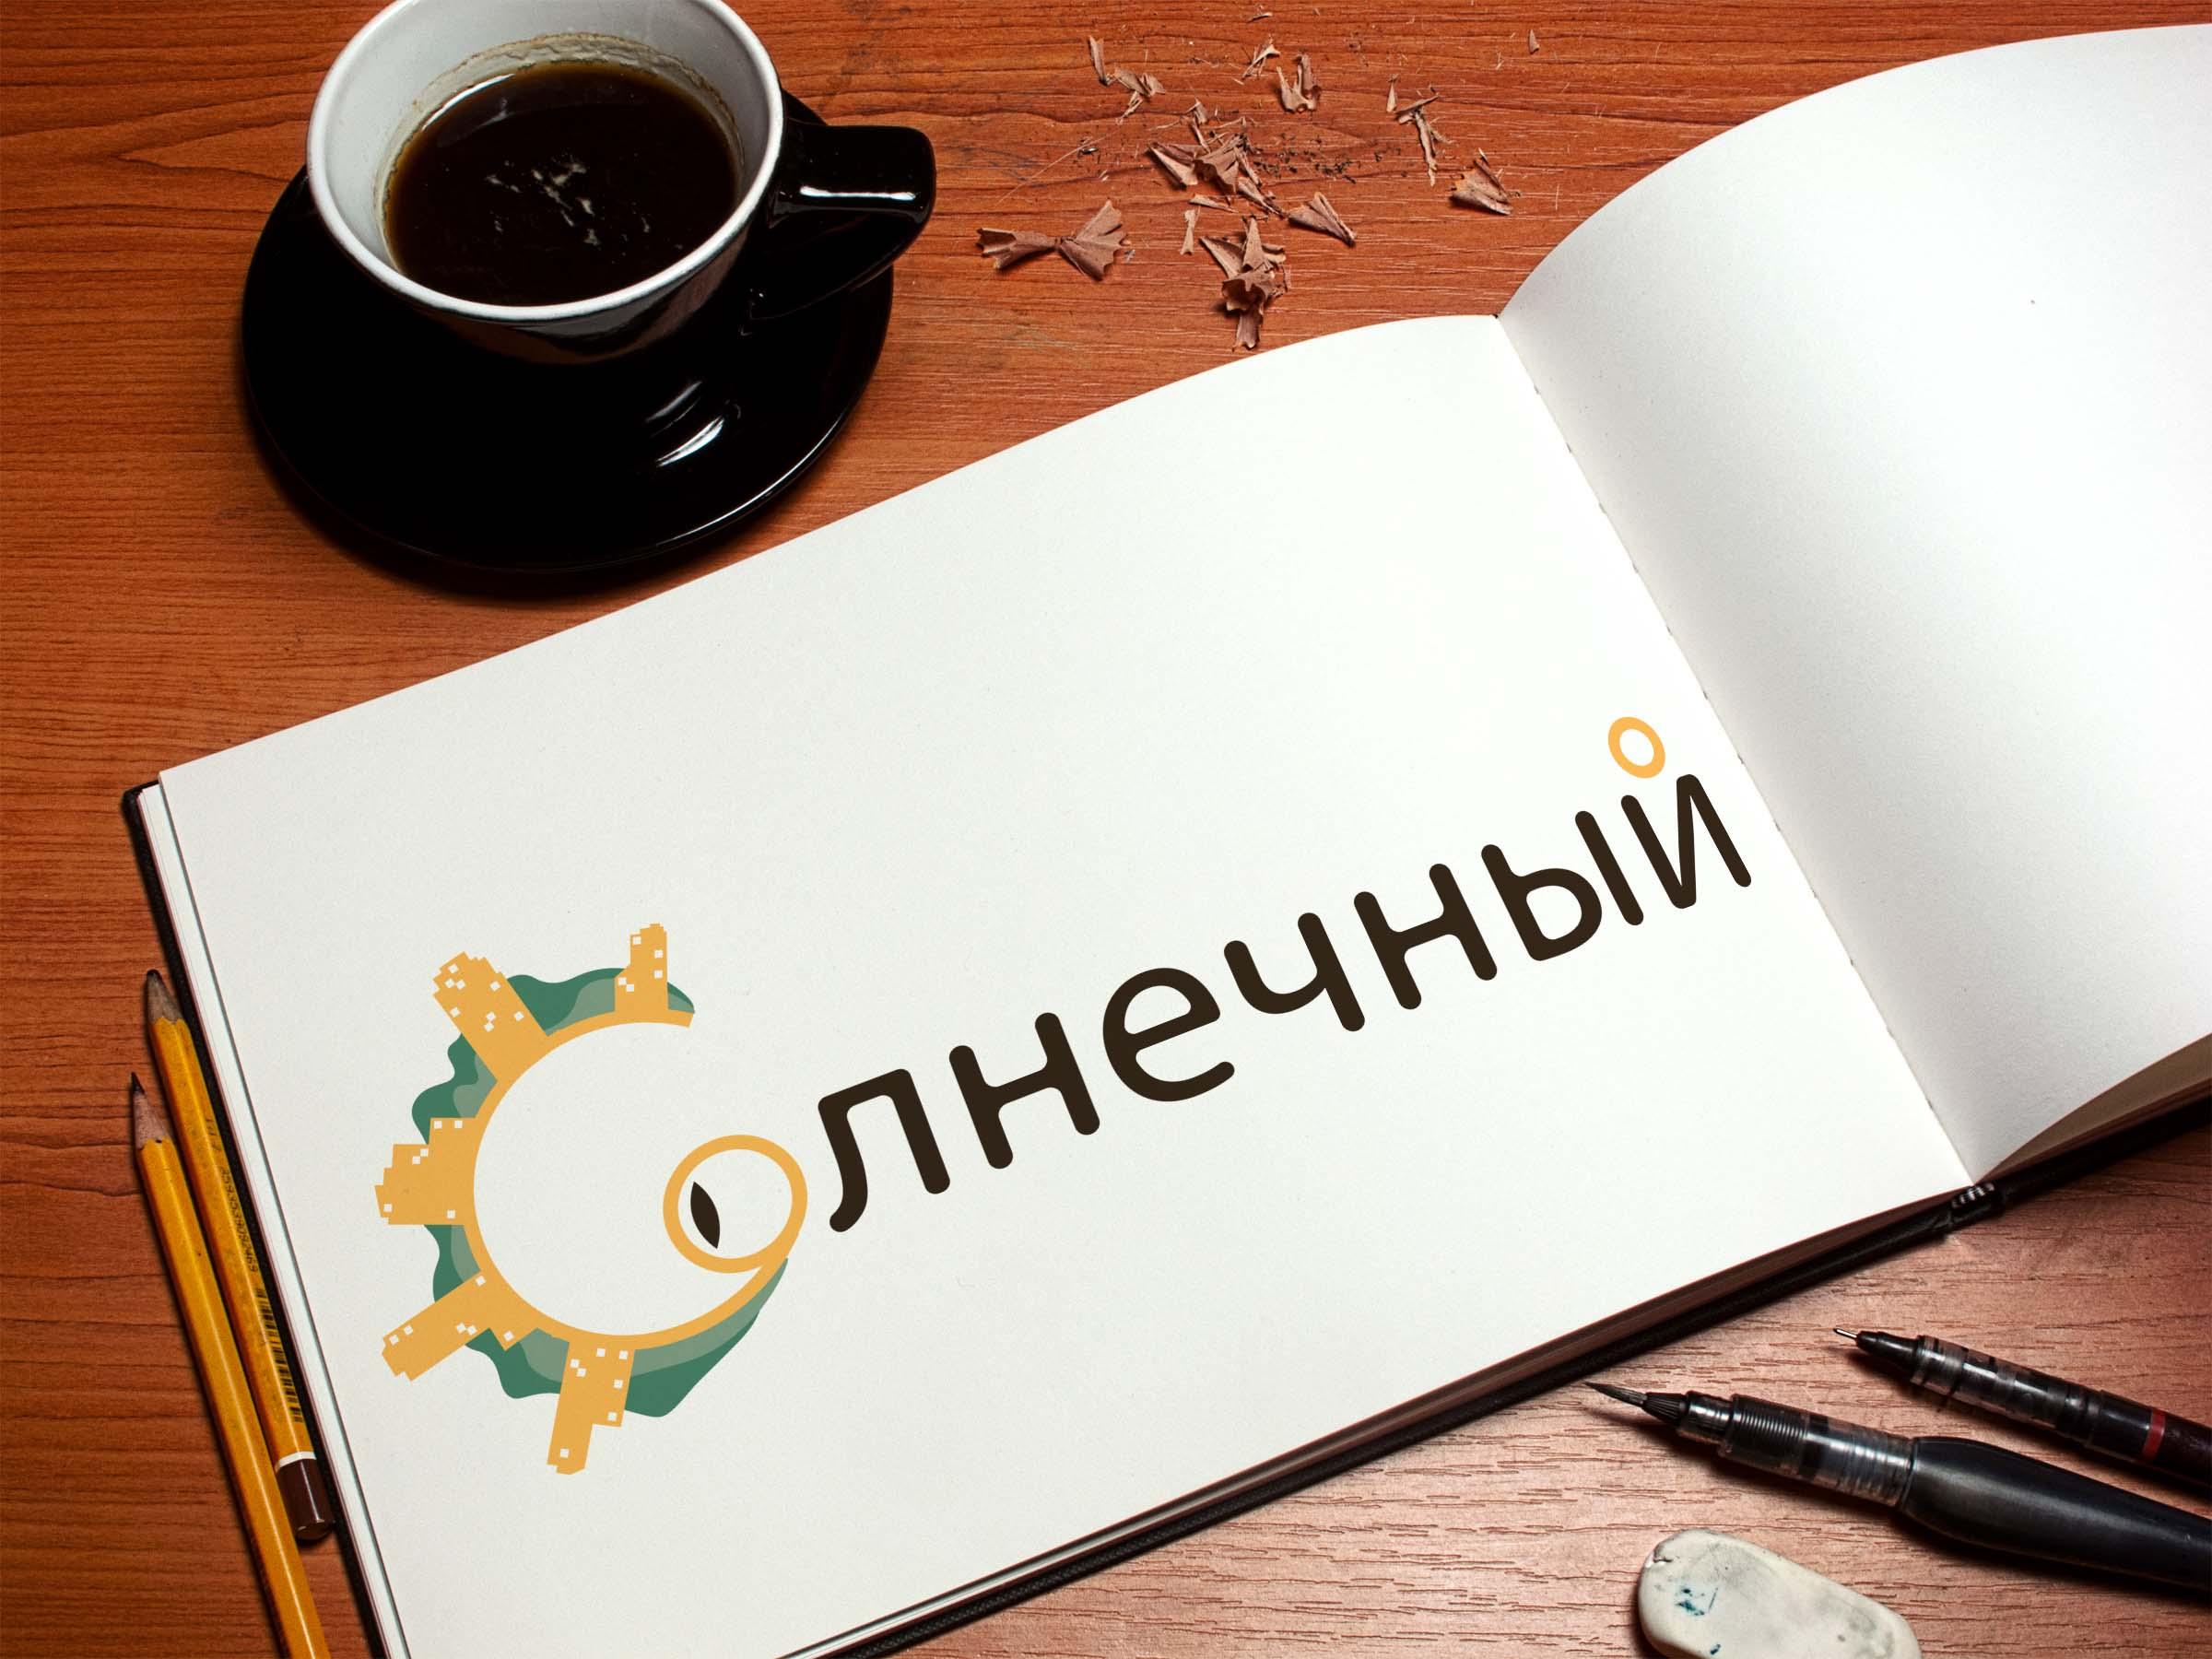 Разработка логотипа и фирменный стиль фото f_065596e5ece80e4b.jpg